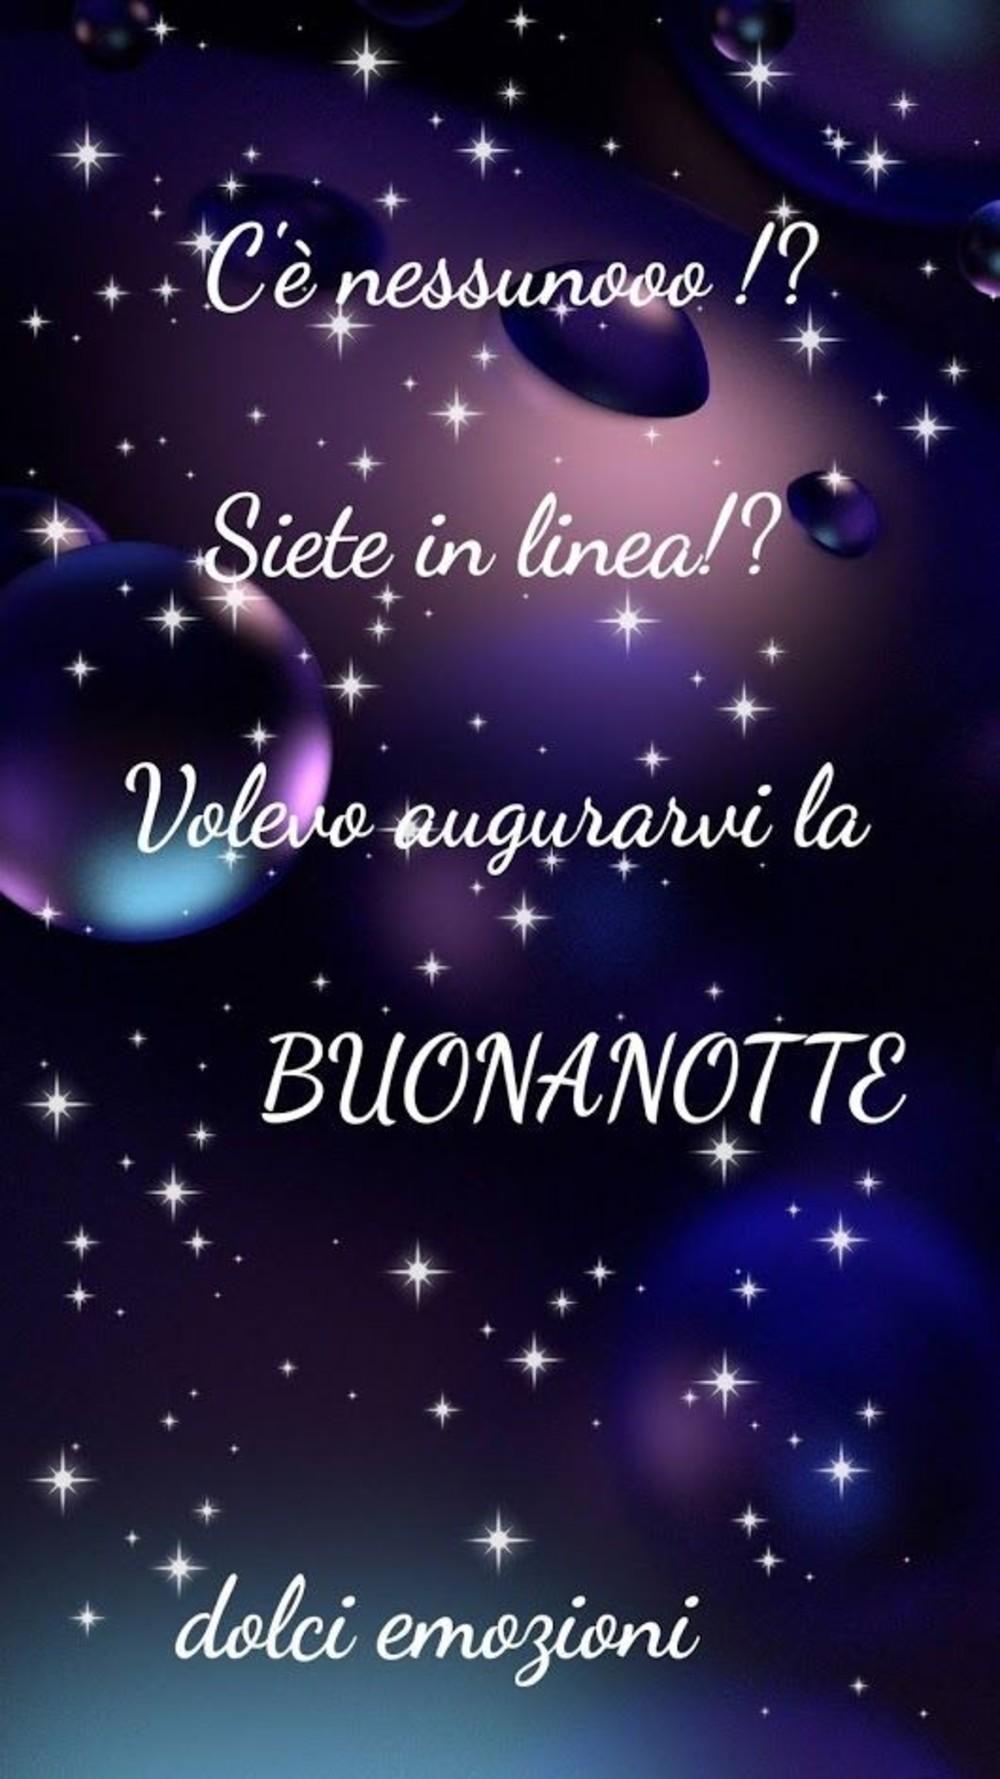 Immagini Buonanotte Belle Gratis 27 Buongiornocolsorriso It